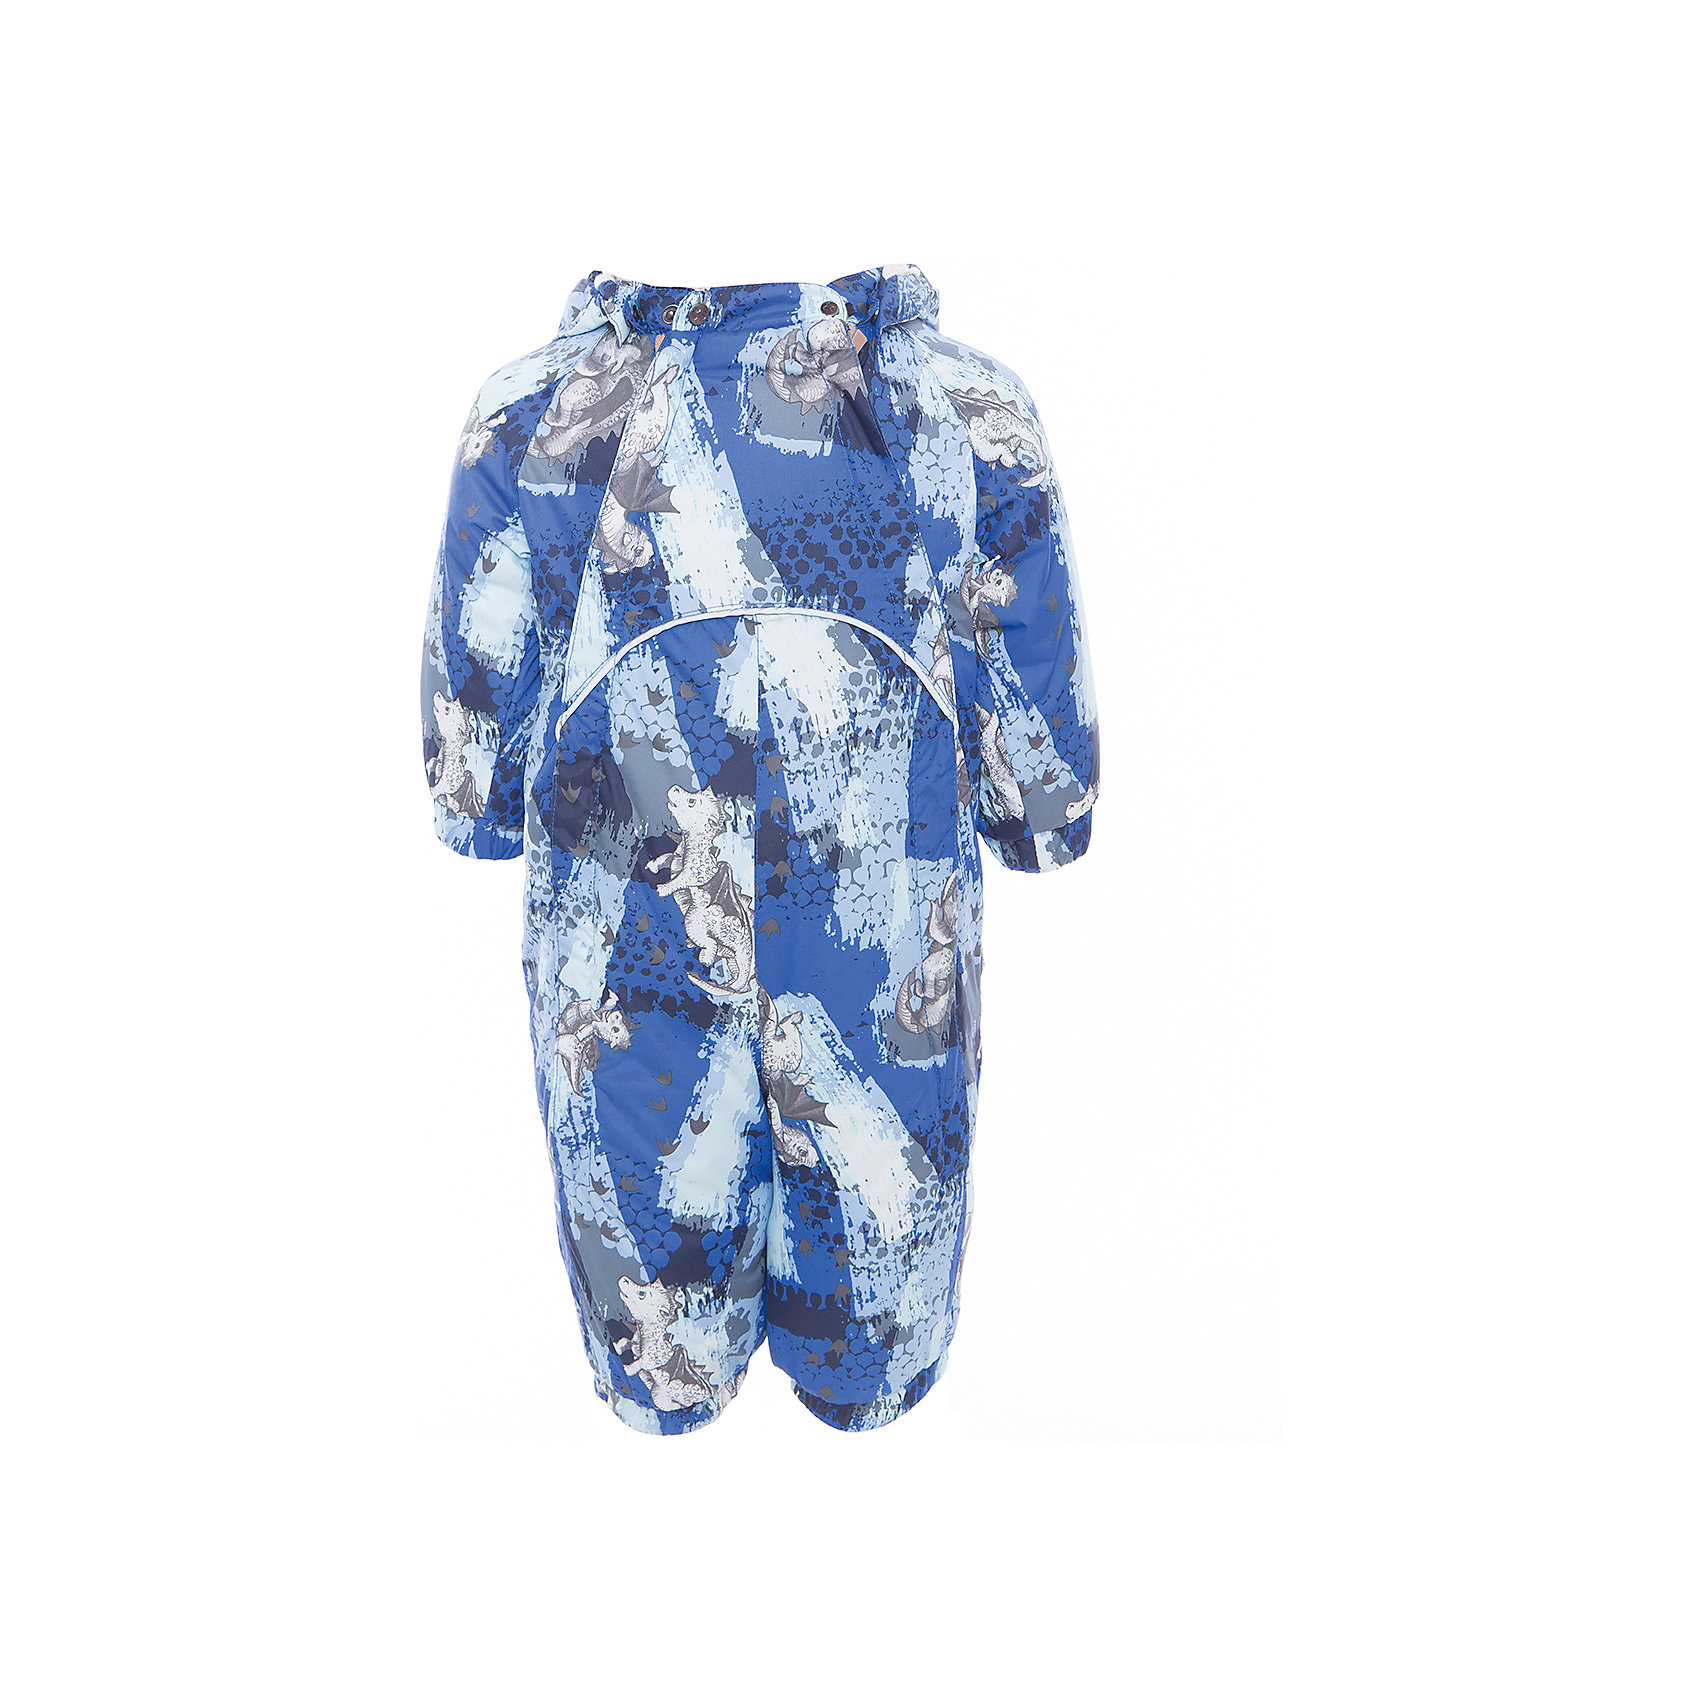 Комбинезон GOLDEN для мальчика HuppaВерхняя одежда<br>Характеристики товара:<br><br>• цвет: синий принт<br>• ткань: 100% полиэстер<br>• подкладка: фланель - 100% хлопок<br>• утеплитель: 100% полиэстер 100 г<br>• температурный режим: от -5°С до +10°С<br>• водонепроницаемость: 5000 мм<br>• воздухопроницаемость: 5000 мм<br>• светоотражающие детали<br>• мягкая подкладка<br>• шов сидения и боковые швы проклеены<br>• съёмный капюшон с резинкой<br>• манжеты рукавов с резинкой<br>• манжеты с отворотом у размеров 62-80<br>• манжеты брюк с резинкой<br>• съёмные эластичные штрипки<br>• без внутренних швов<br>• коллекция: весна-лето 2017<br>• страна бренда: Эстония<br><br>Этот удобный комбинезон обеспечит детям тепло и комфорт. Он сделан из материала, отталкивающего воду, и дополнен подкладкой с утеплителем, поэтому изделие идеально подходит для межсезонья. Материал изделия - с мембранной технологией: защищая от влаги и ветра, он легко выводит лишнюю влагу наружу. Комбинезон очень симпатично смотрится. <br><br>Одежда и обувь от популярного эстонского бренда Huppa - отличный вариант одеть ребенка можно и комфортно. Вещи, выпускаемые компанией, качественные, продуманные и очень удобные. Для производства изделий используются только безопасные для детей материалы. Продукция от Huppa порадует и детей, и их родителей!<br><br>Комбинезон GOLDEN от бренда Huppa (Хуппа) можно купить в нашем интернет-магазине.<br><br>Ширина мм: 356<br>Глубина мм: 10<br>Высота мм: 245<br>Вес г: 519<br>Цвет: синий<br>Возраст от месяцев: 6<br>Возраст до месяцев: 9<br>Пол: Мужской<br>Возраст: Детский<br>Размер: 74,80,86,62,68<br>SKU: 5346452